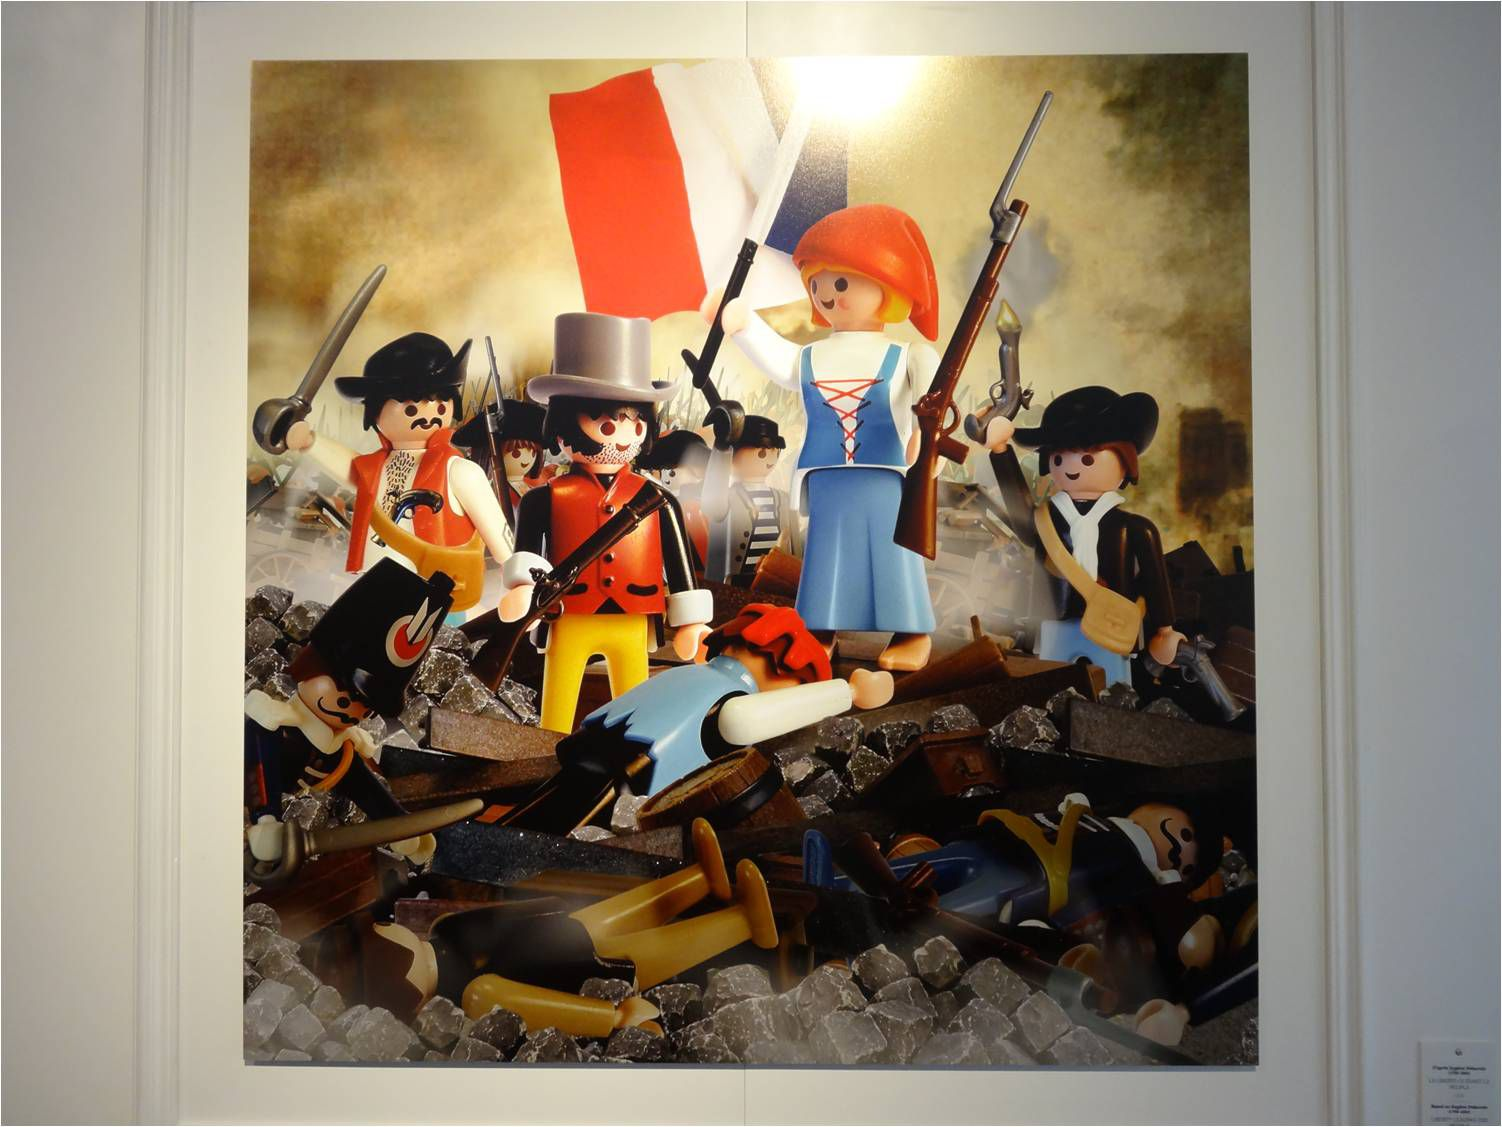 La liberté guidant le peuple, d'après Delacroix